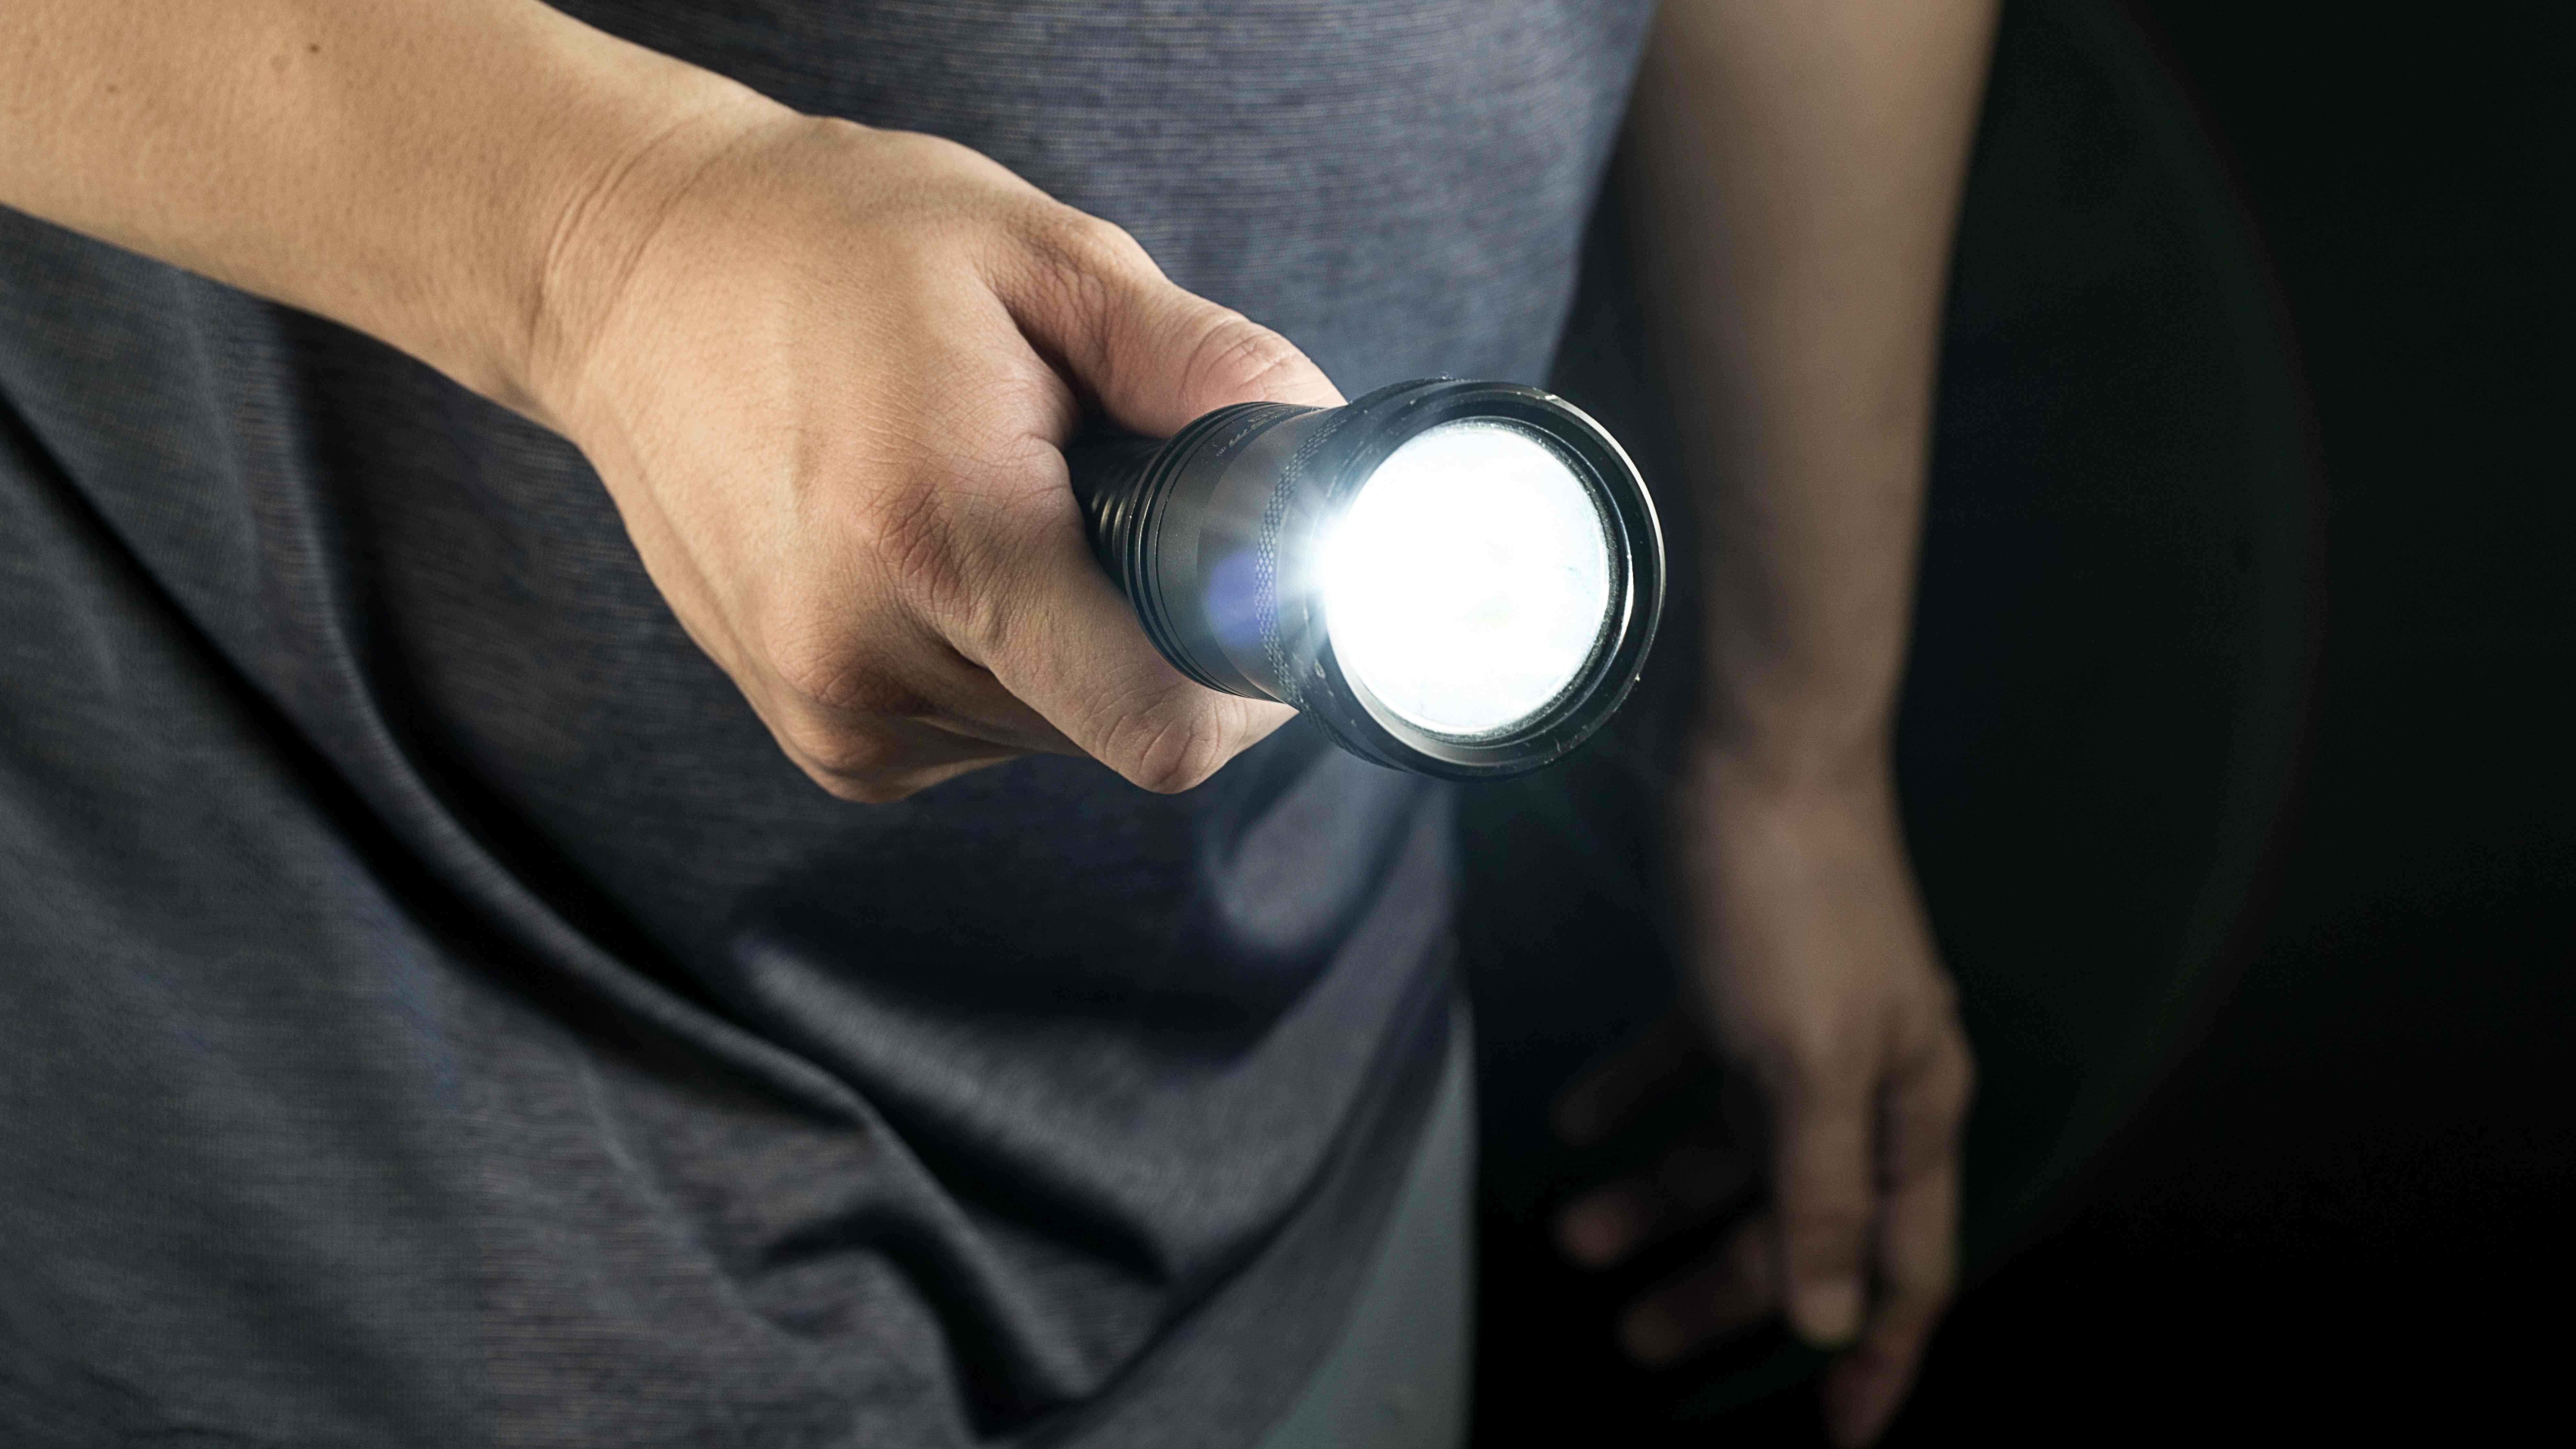 Lampe portative :  comment choisir